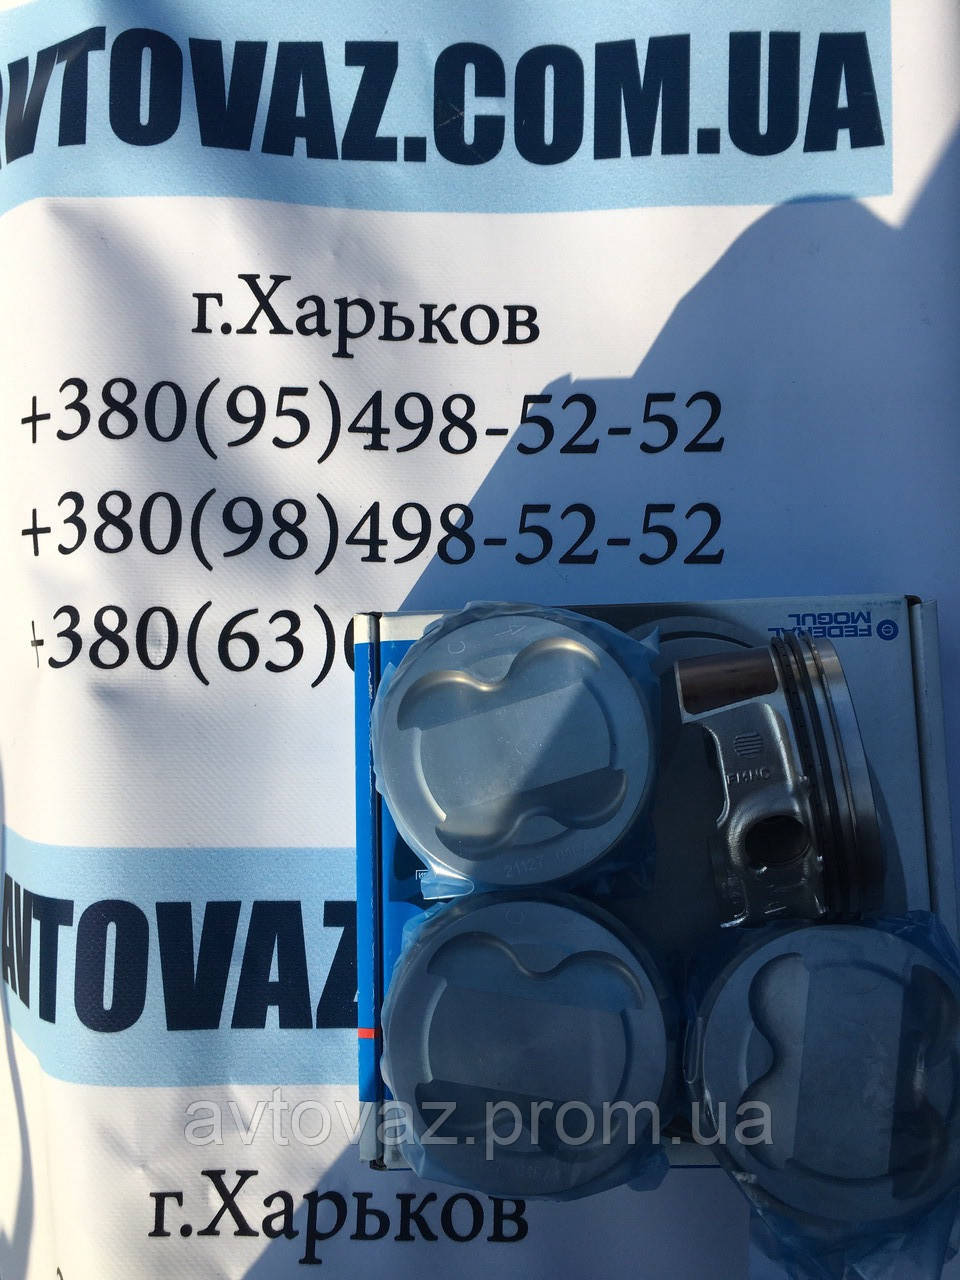 Поршневая ВАЗ 21127 Приора с кольцами и пальцами «Federal Mogul»  d82,0 мм класс В (комплект с выборкой)